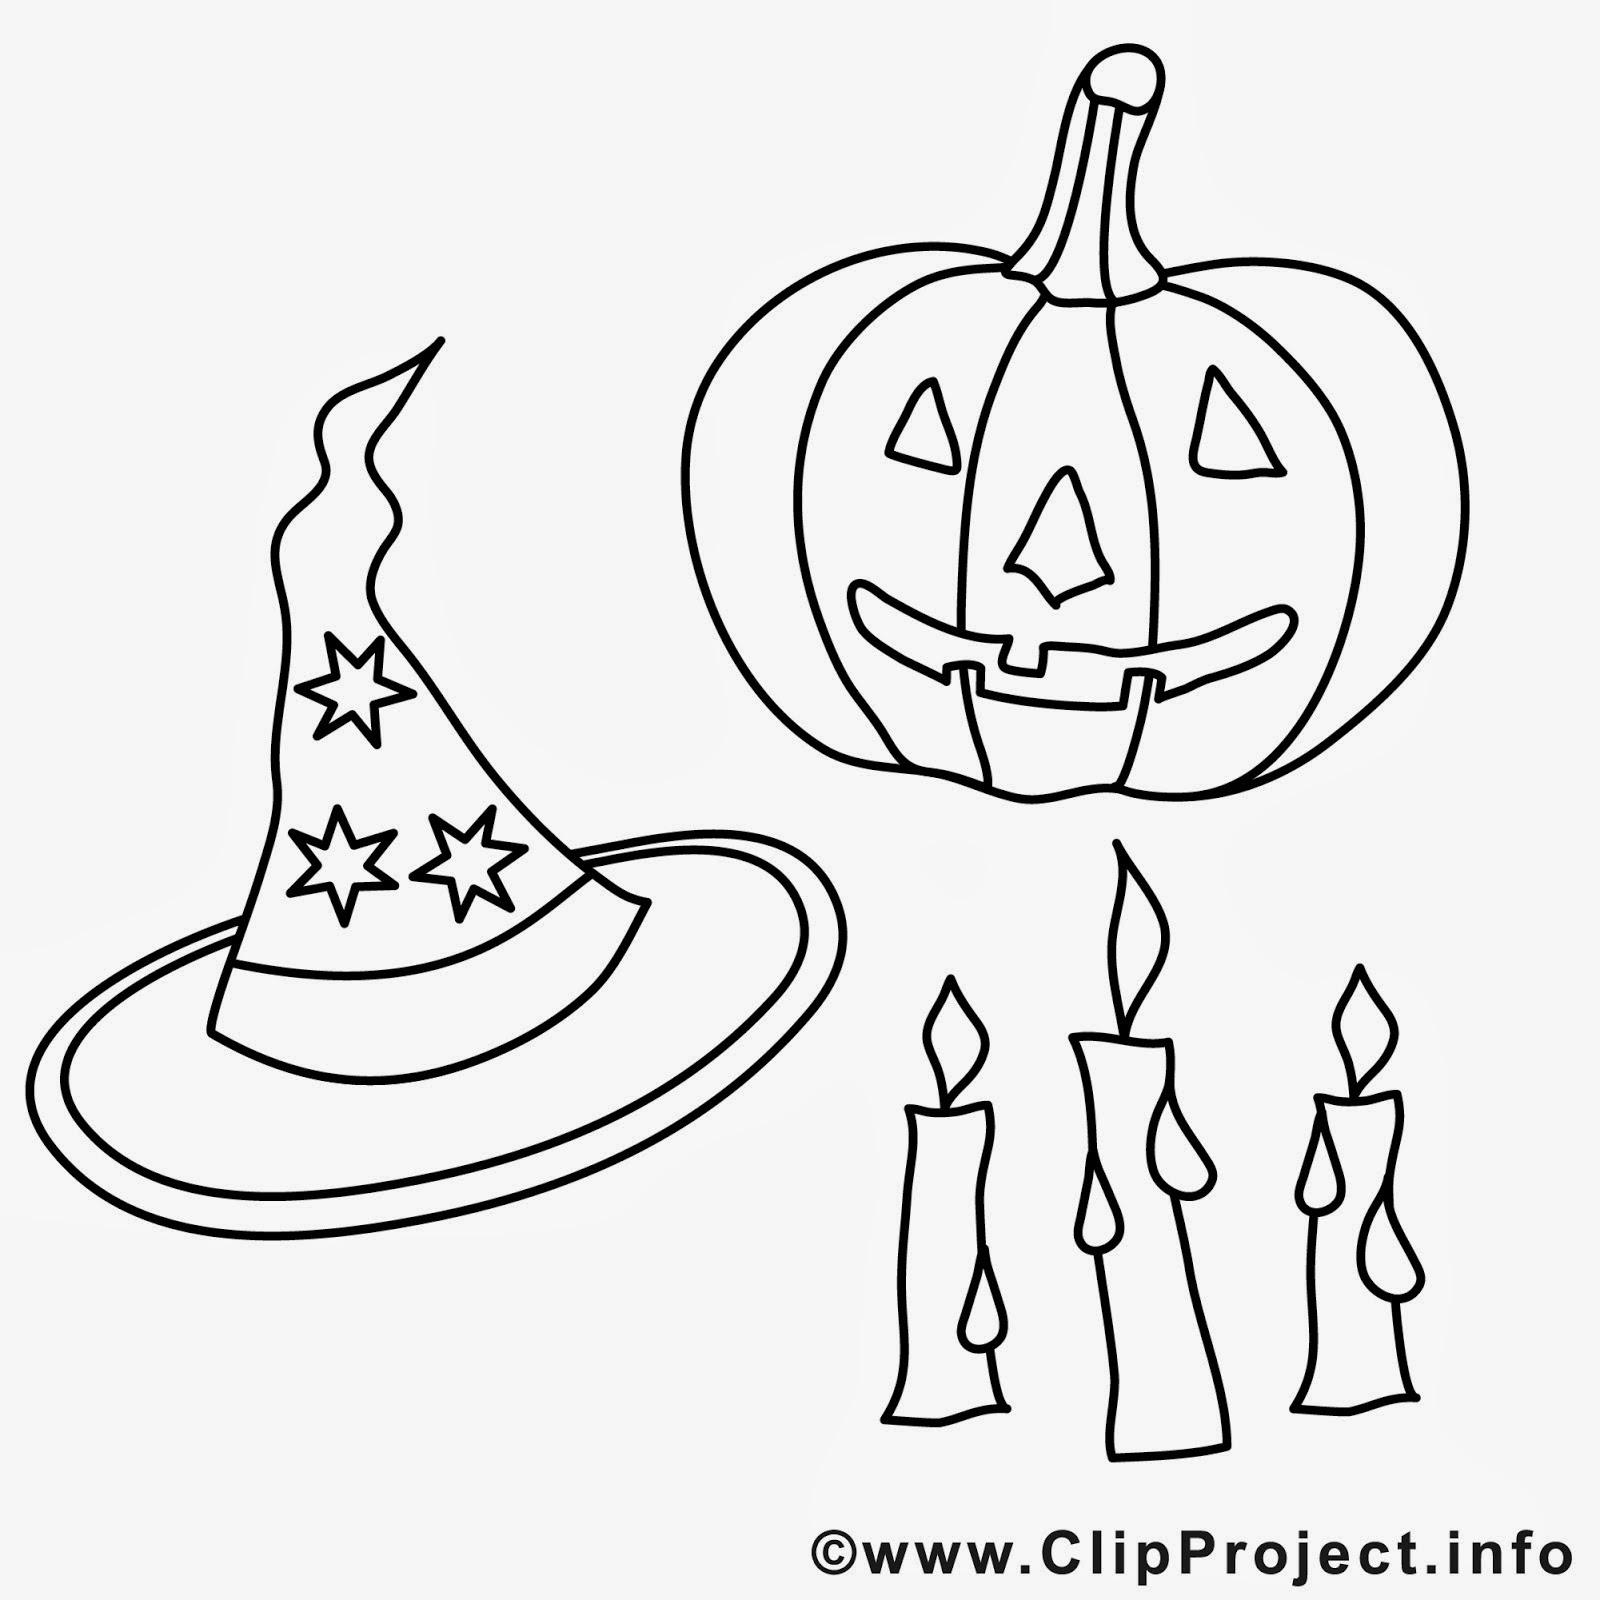 Malvorlagen Halloween Kostenlos Kostenlose Malvorlagen Ideen